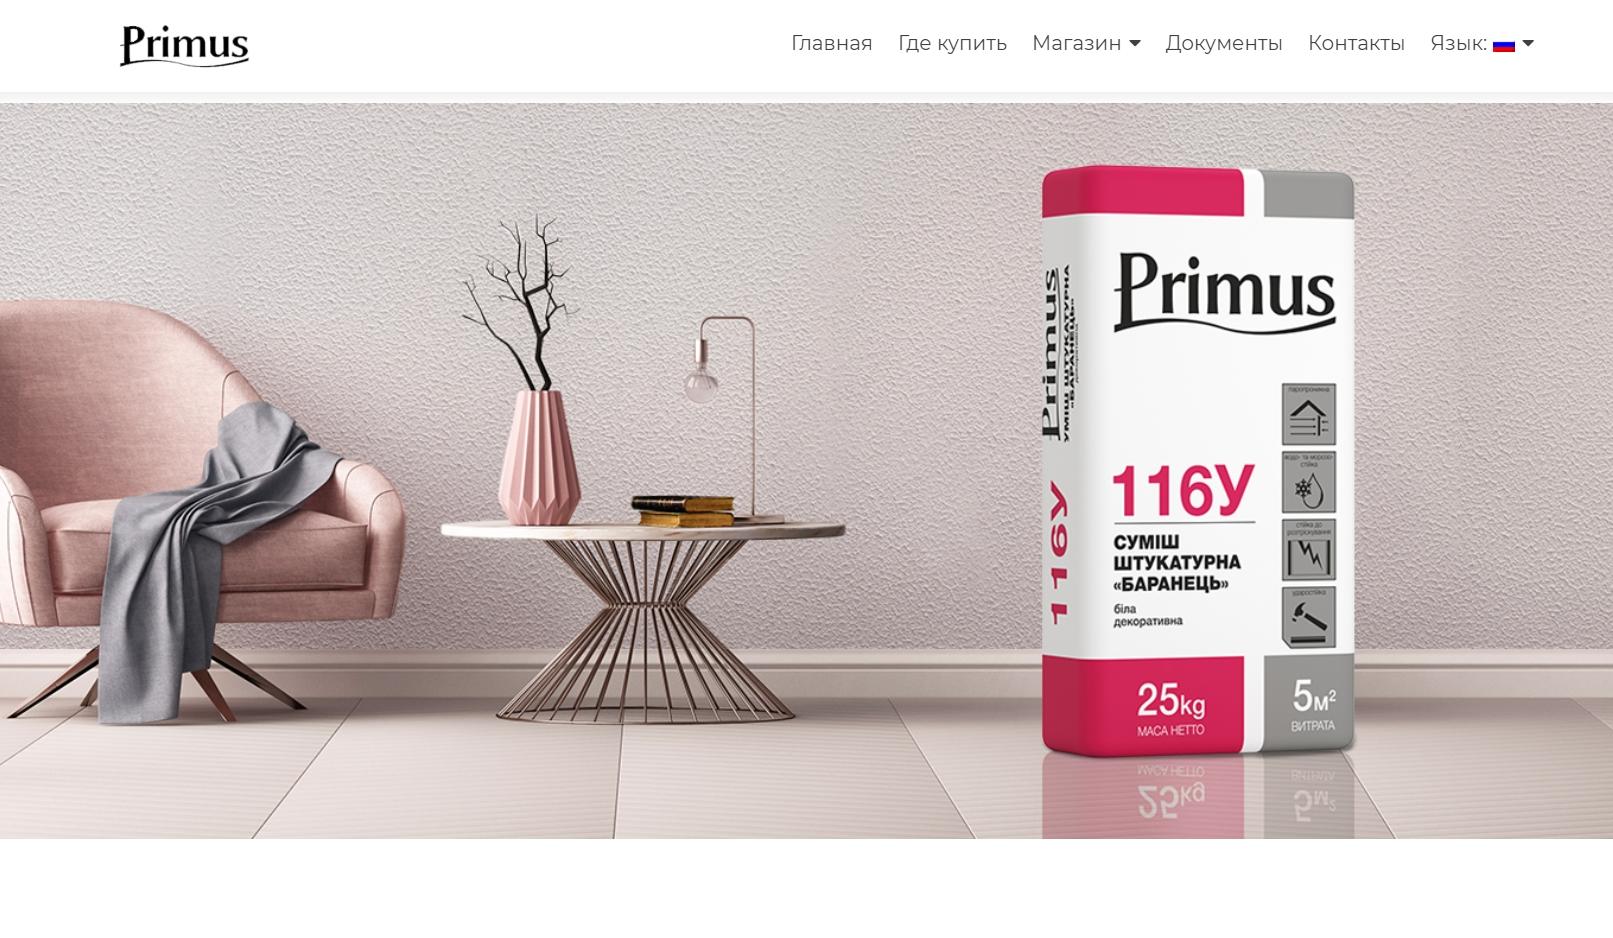 Сайт Primus